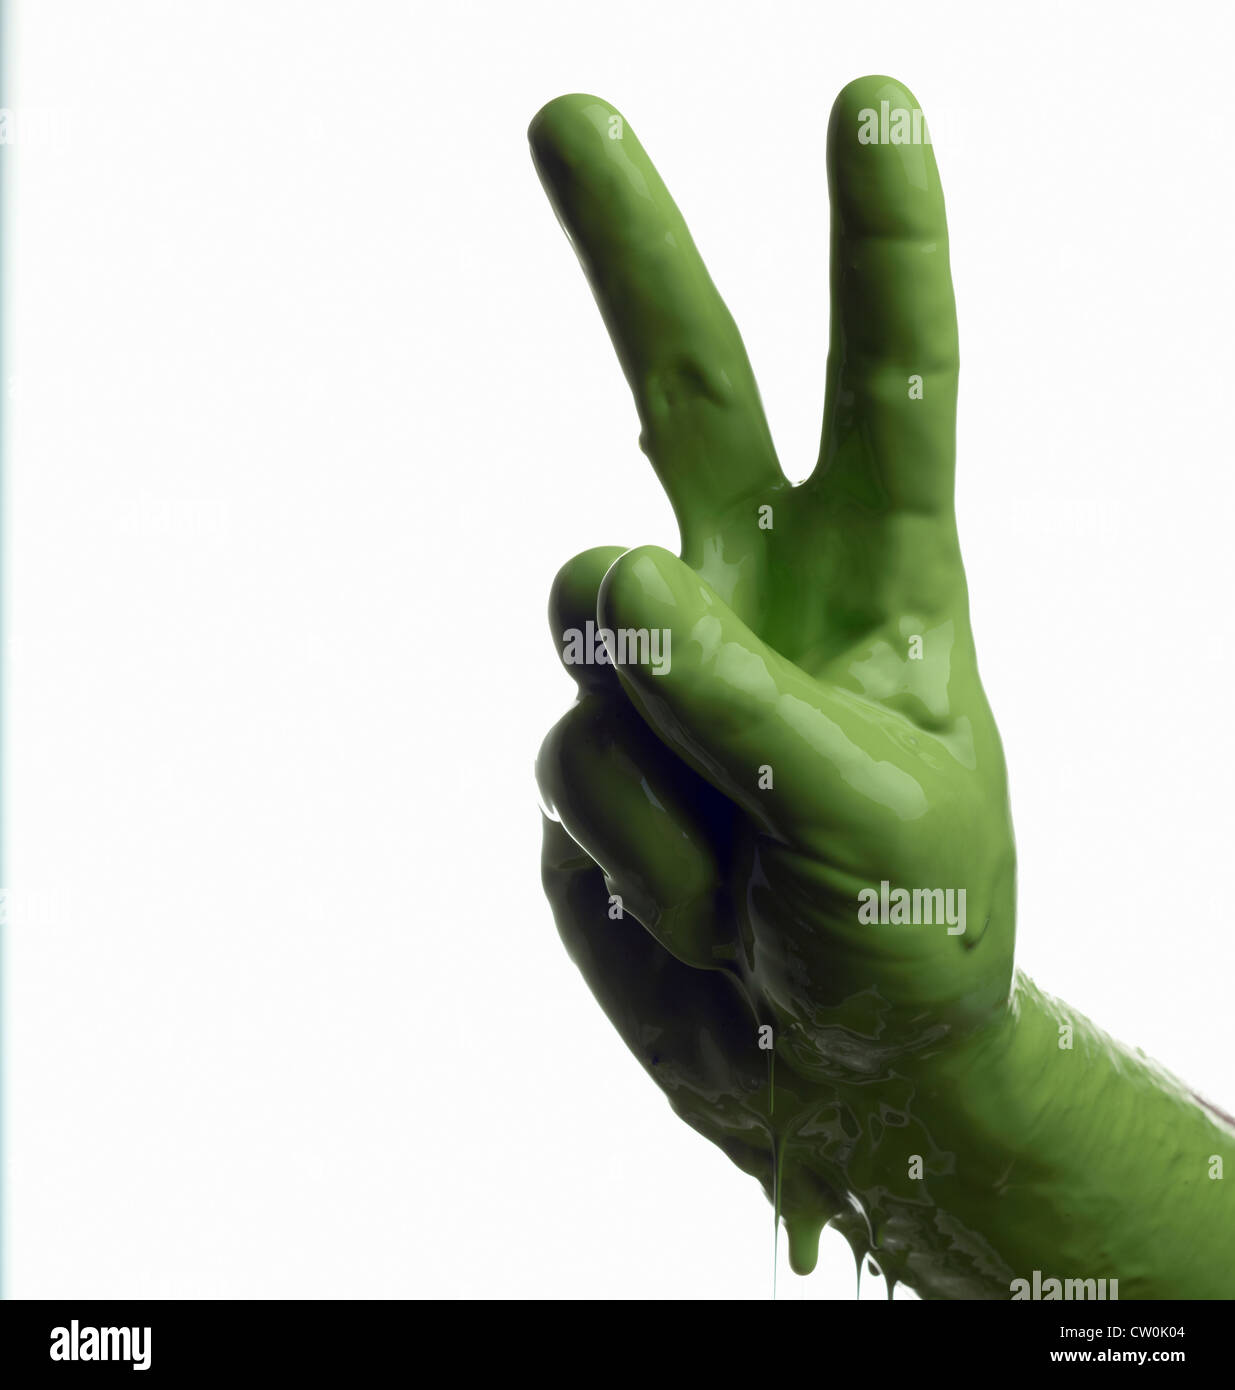 Mano pintado de verde haciendo signo de paz Imagen De Stock